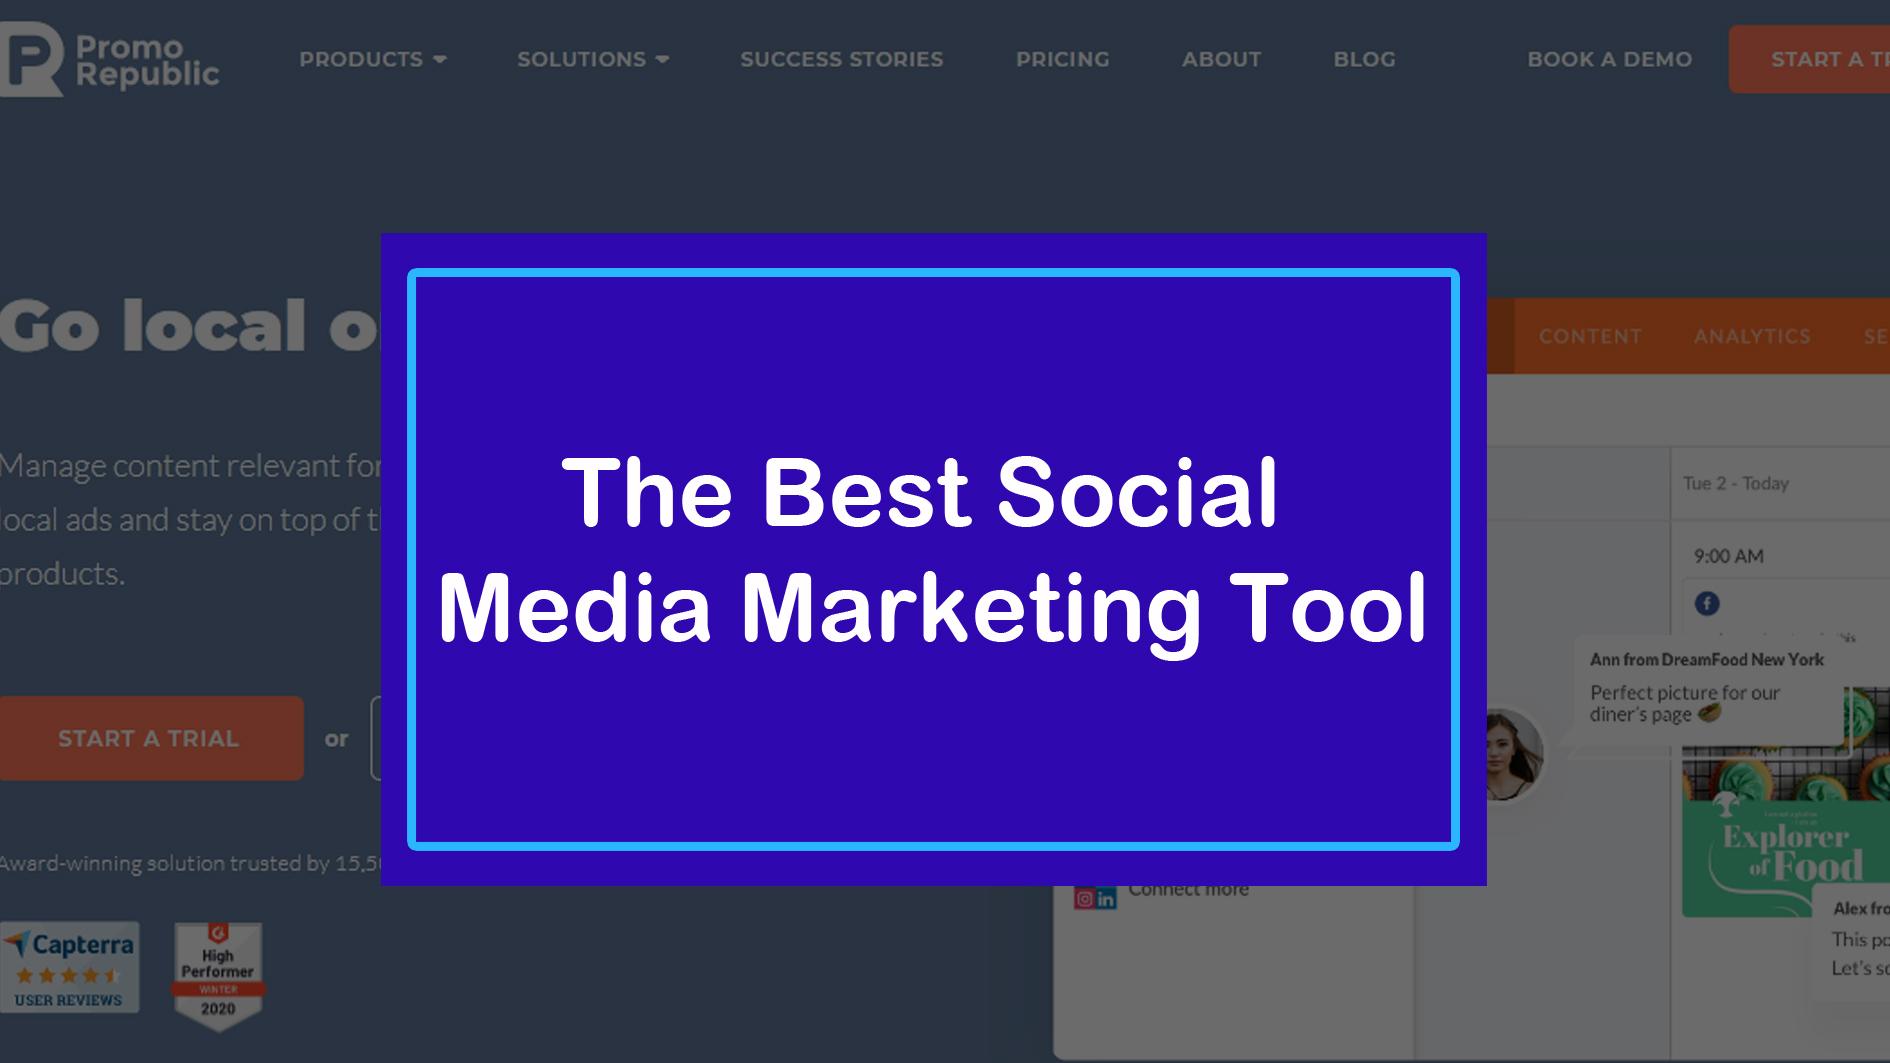 The Best Social Media Marketing Tool